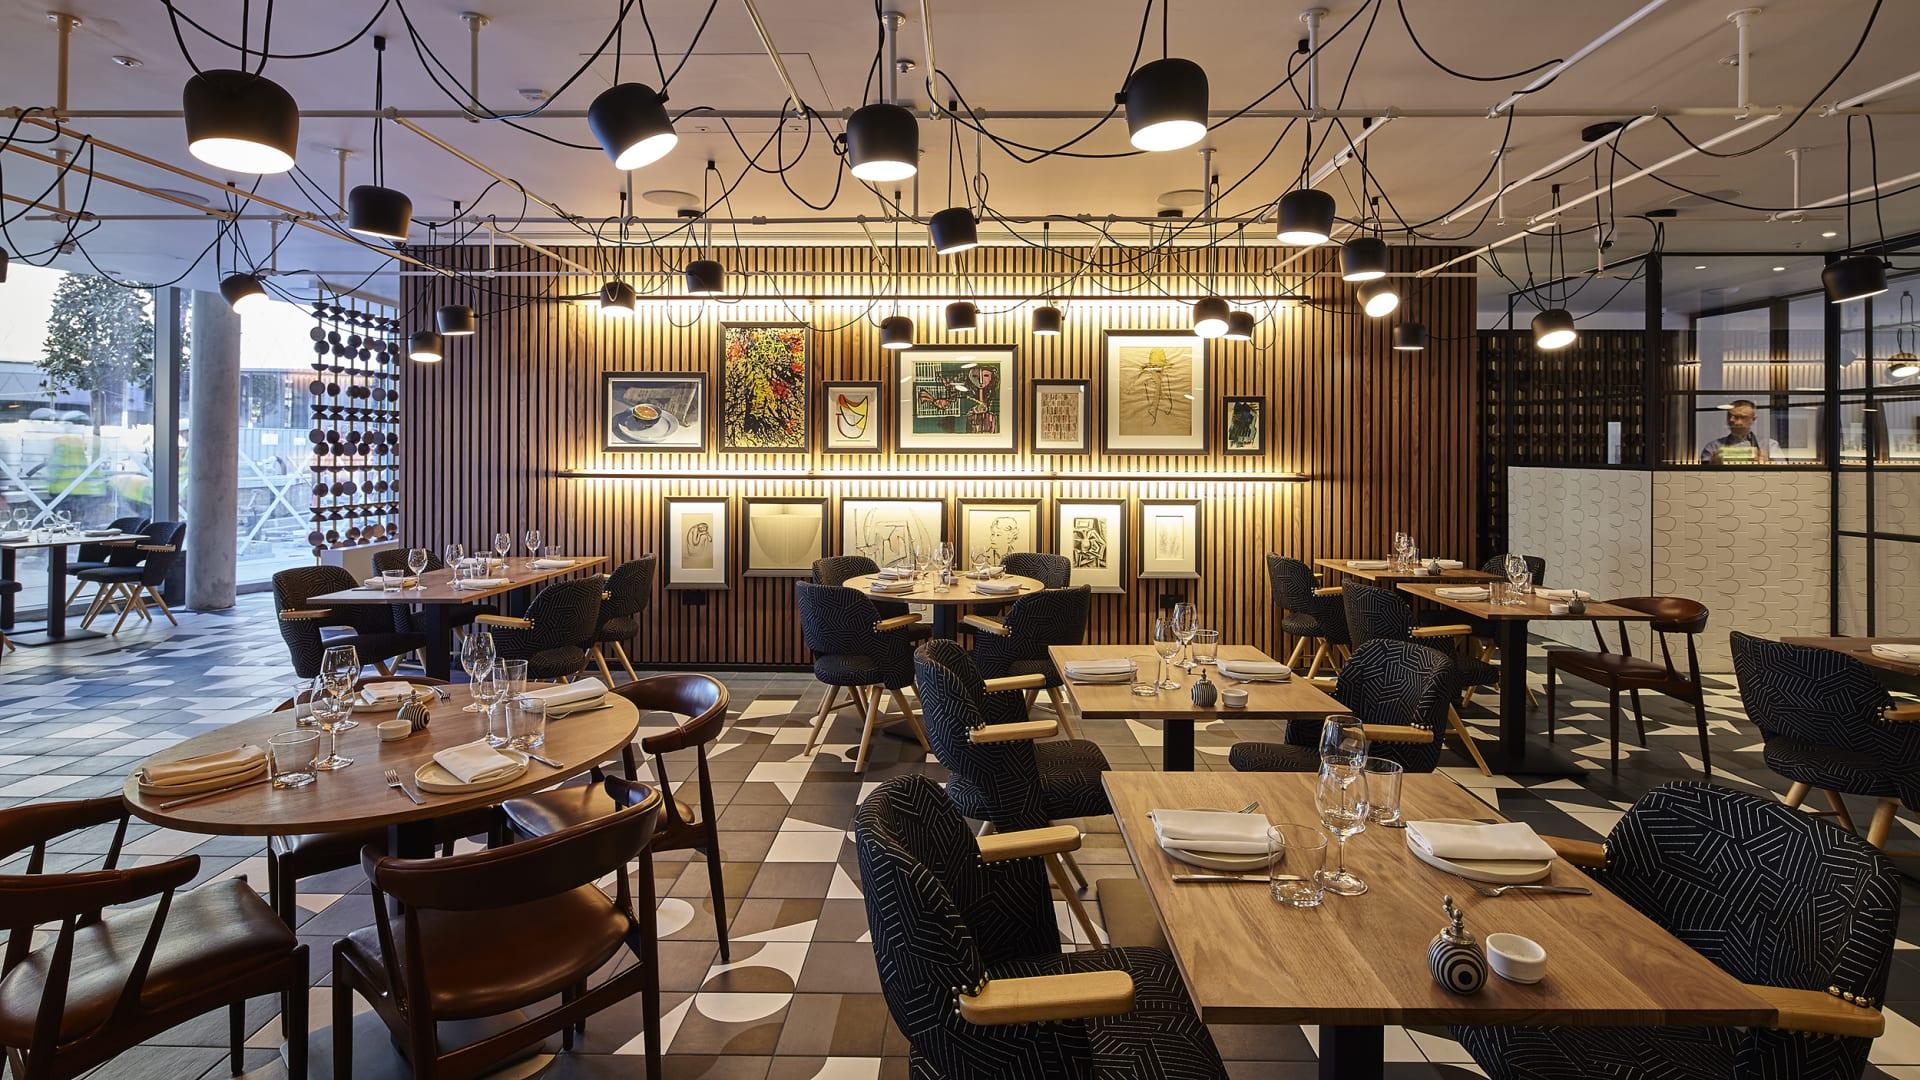 لتجربة ذوقية فريدة.. إليك أفضل مطاعم يجب زيارتها لعام 2019